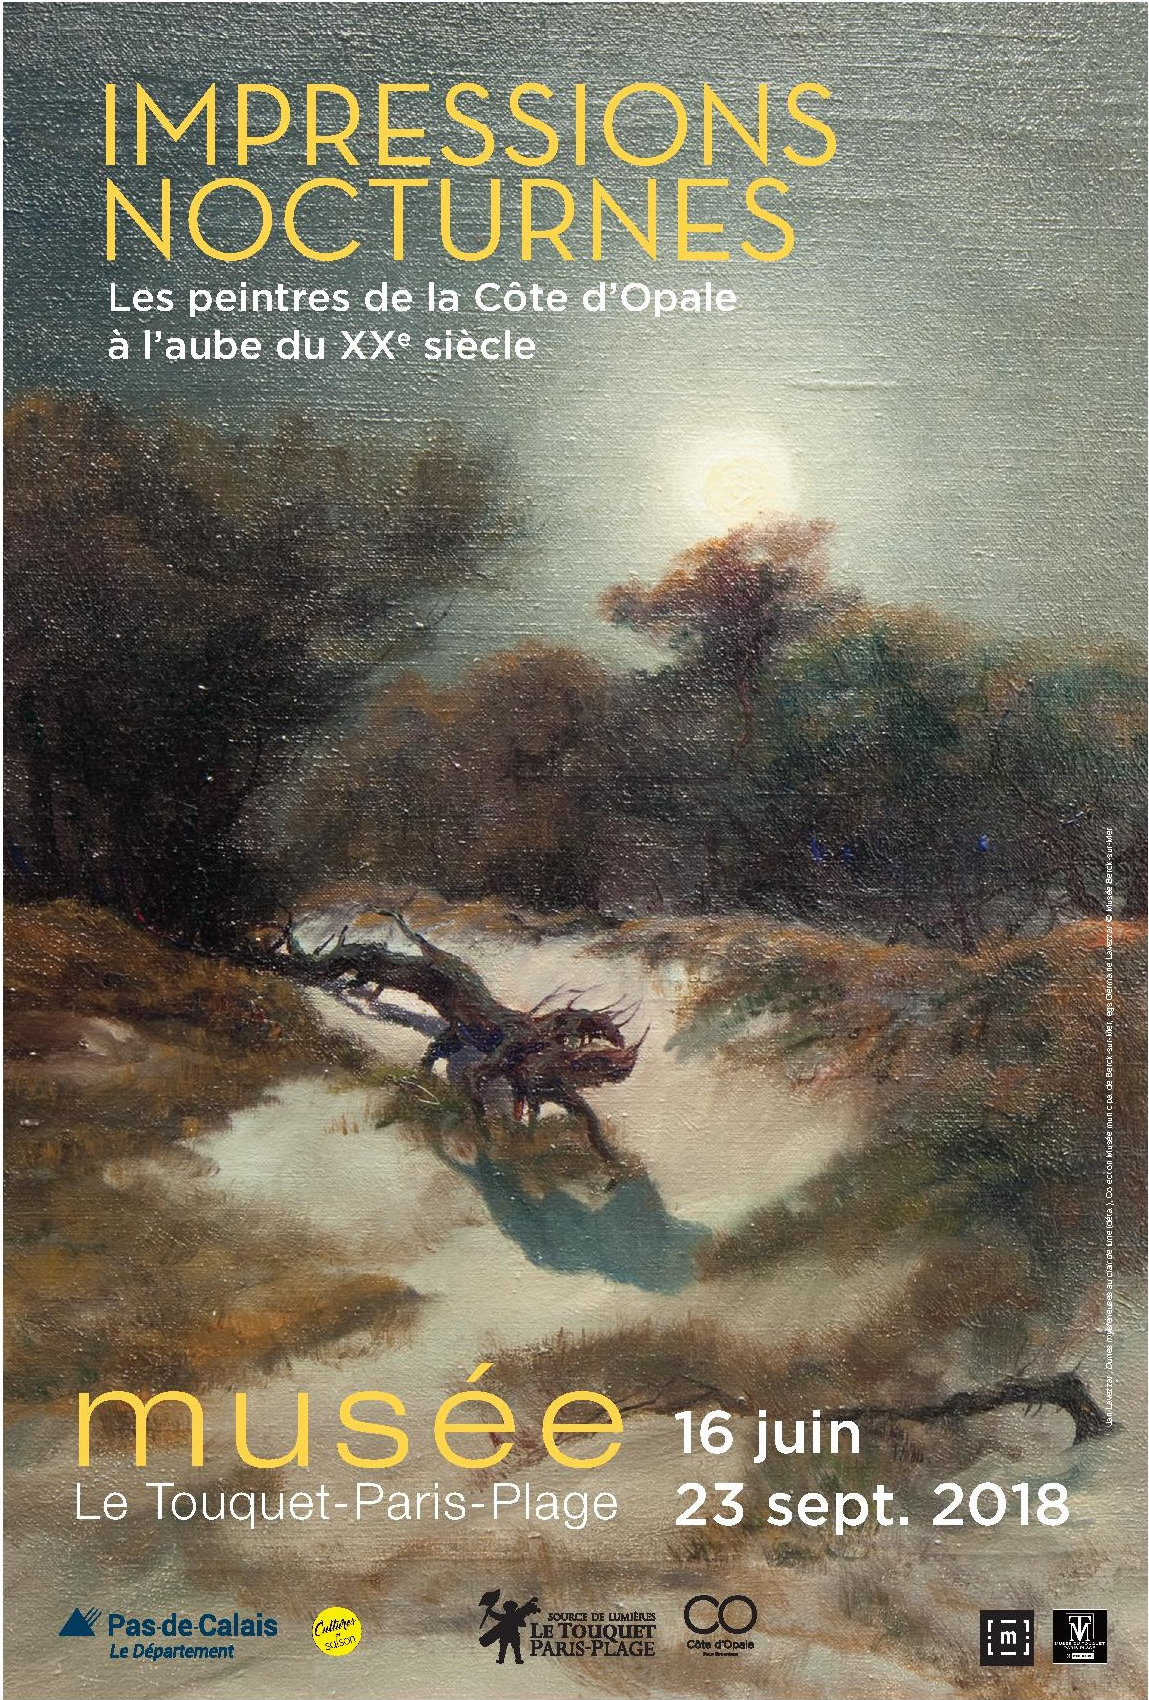 Des Impressions Nocturnes exposées au Touquet